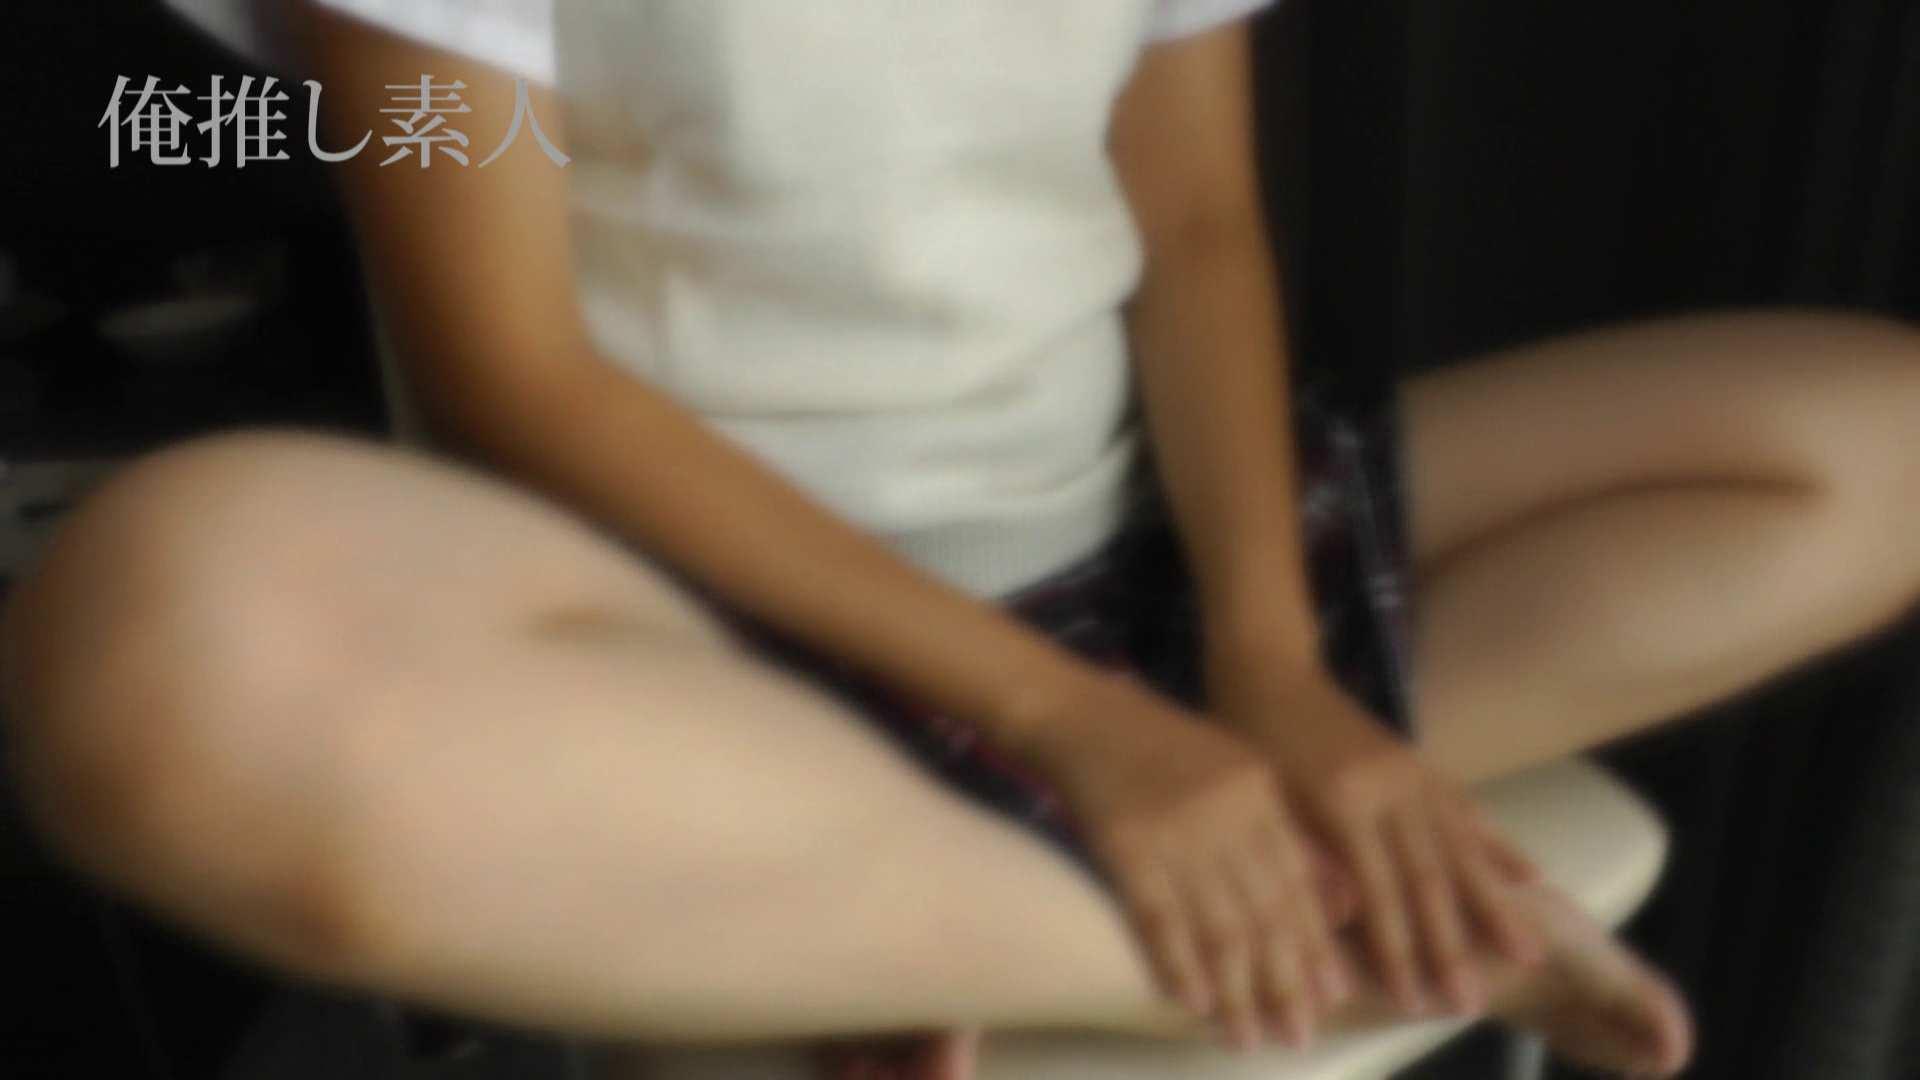 俺推し素人 キャバクラ嬢26歳久美vol6 コスプレ 戯れ無修正画像 77連発 17